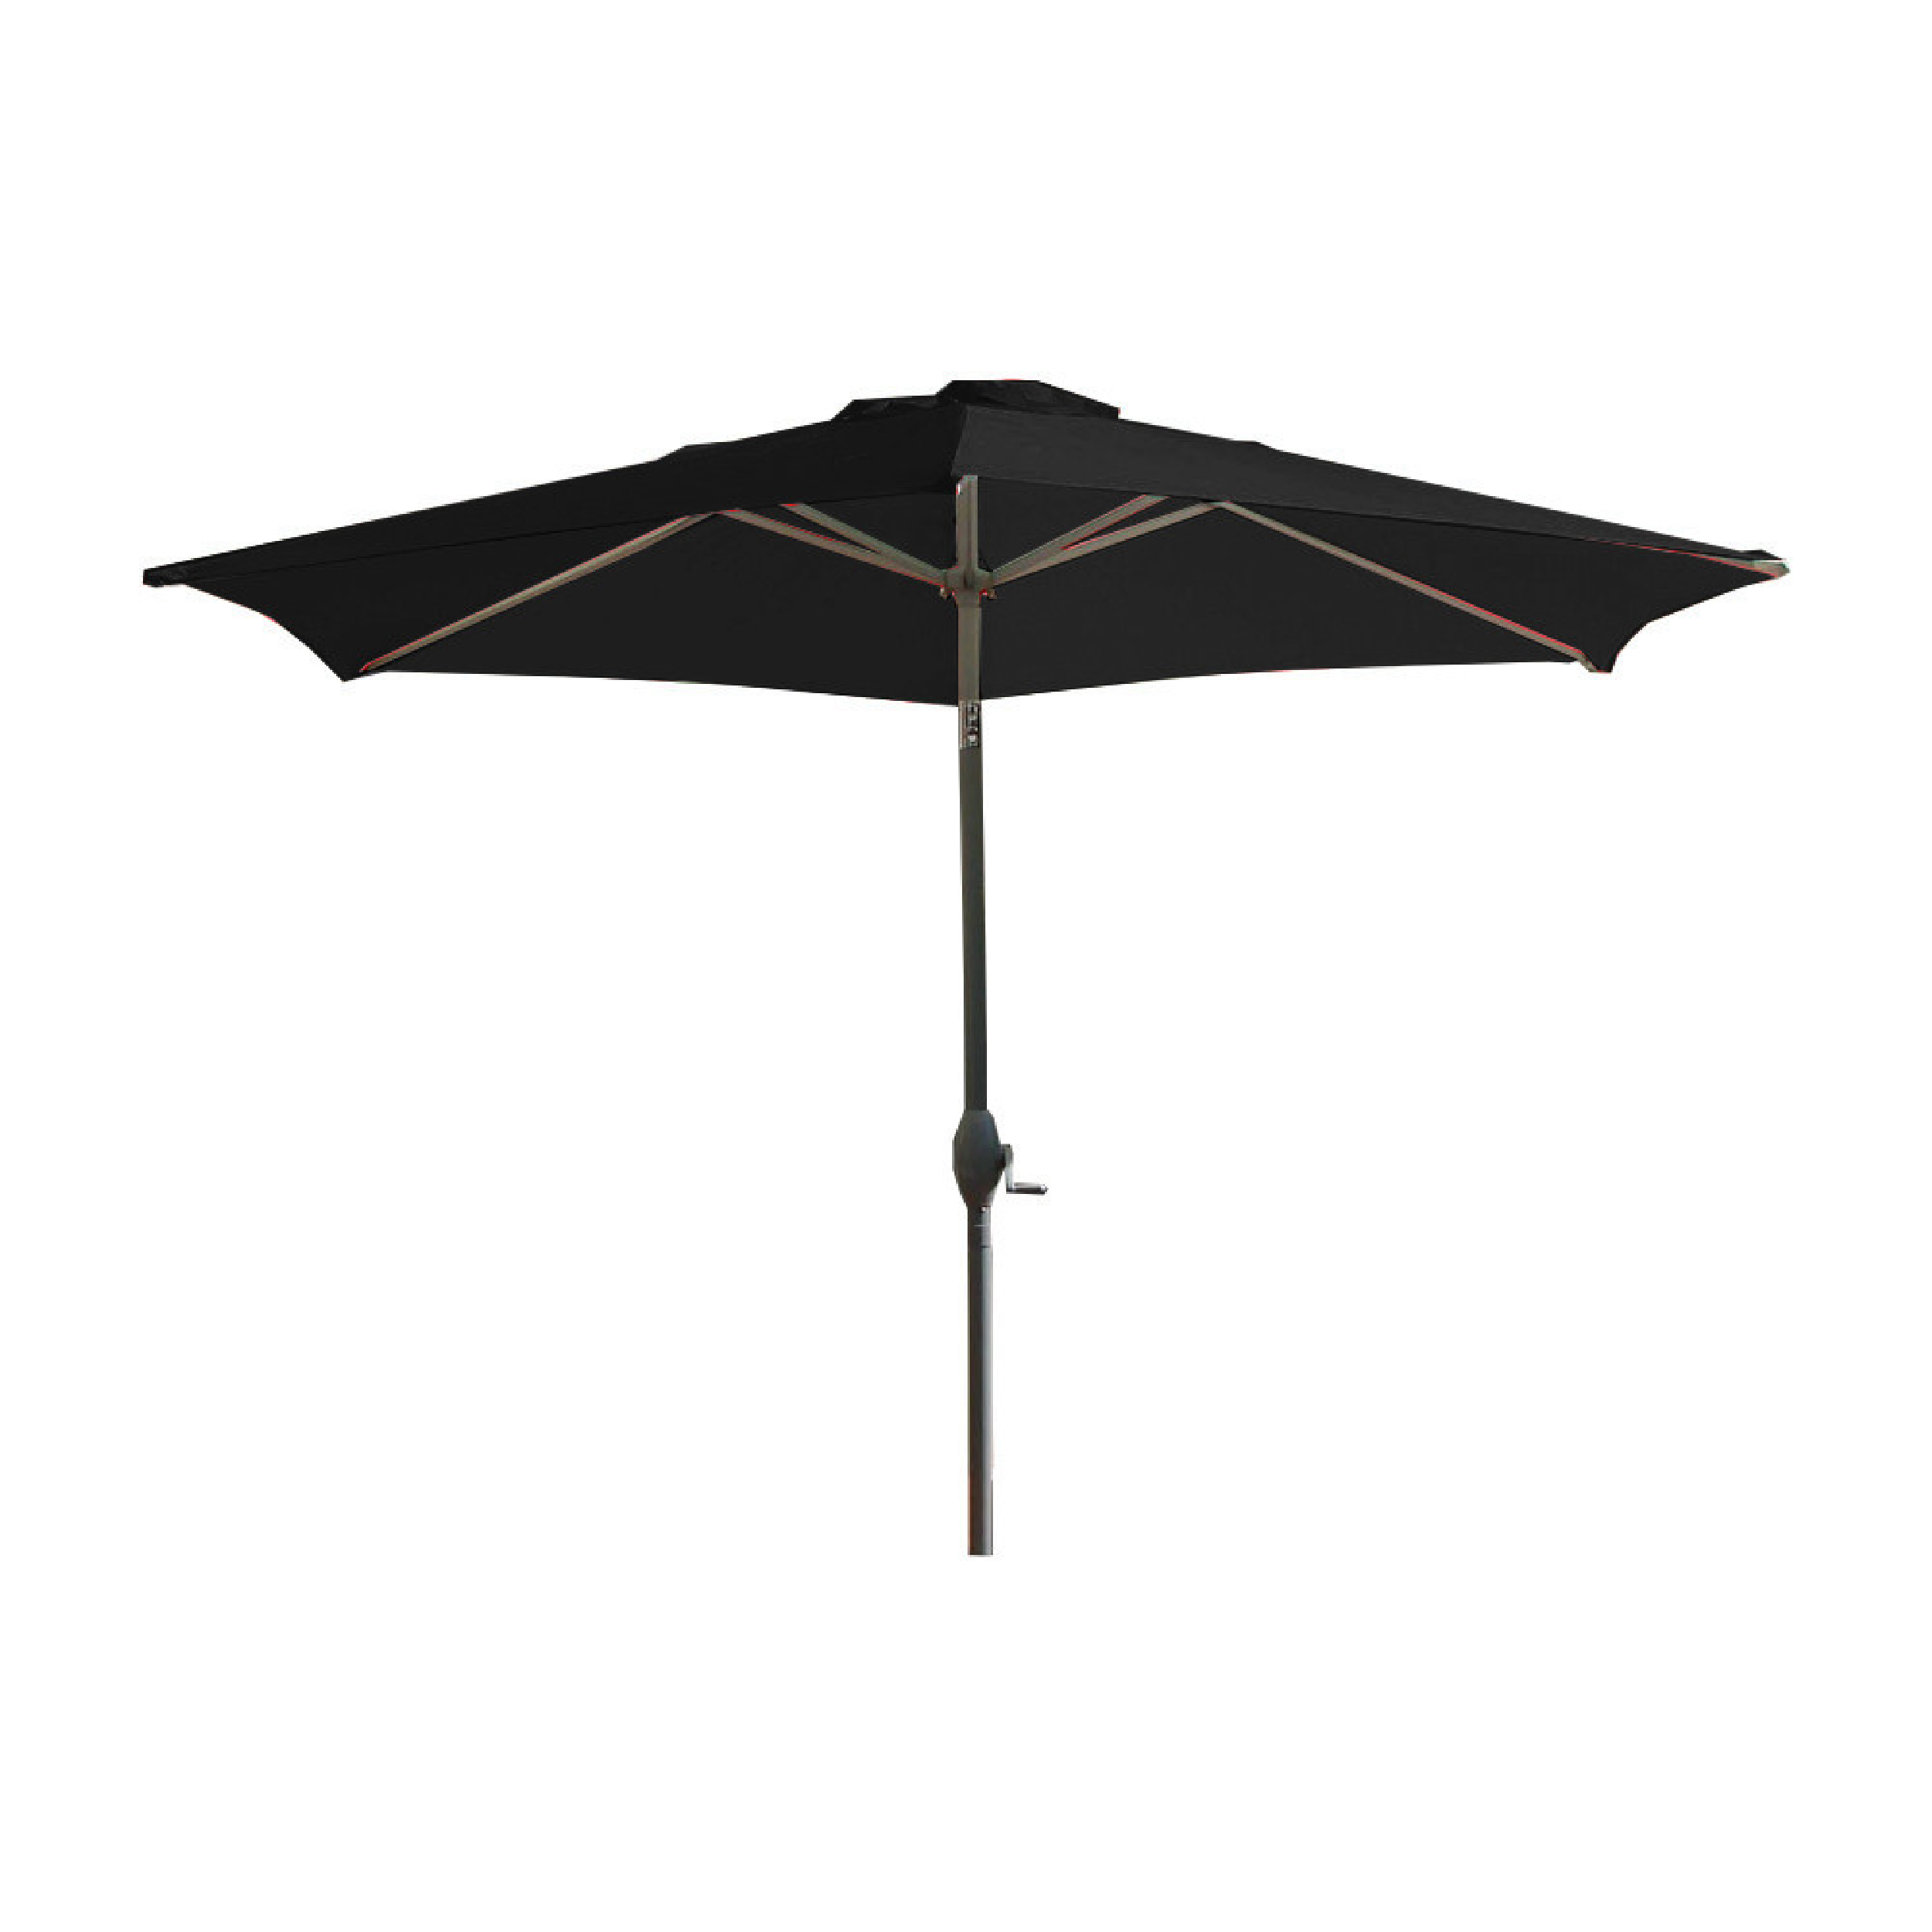 Parasol avec mât en aluminium et toile noire